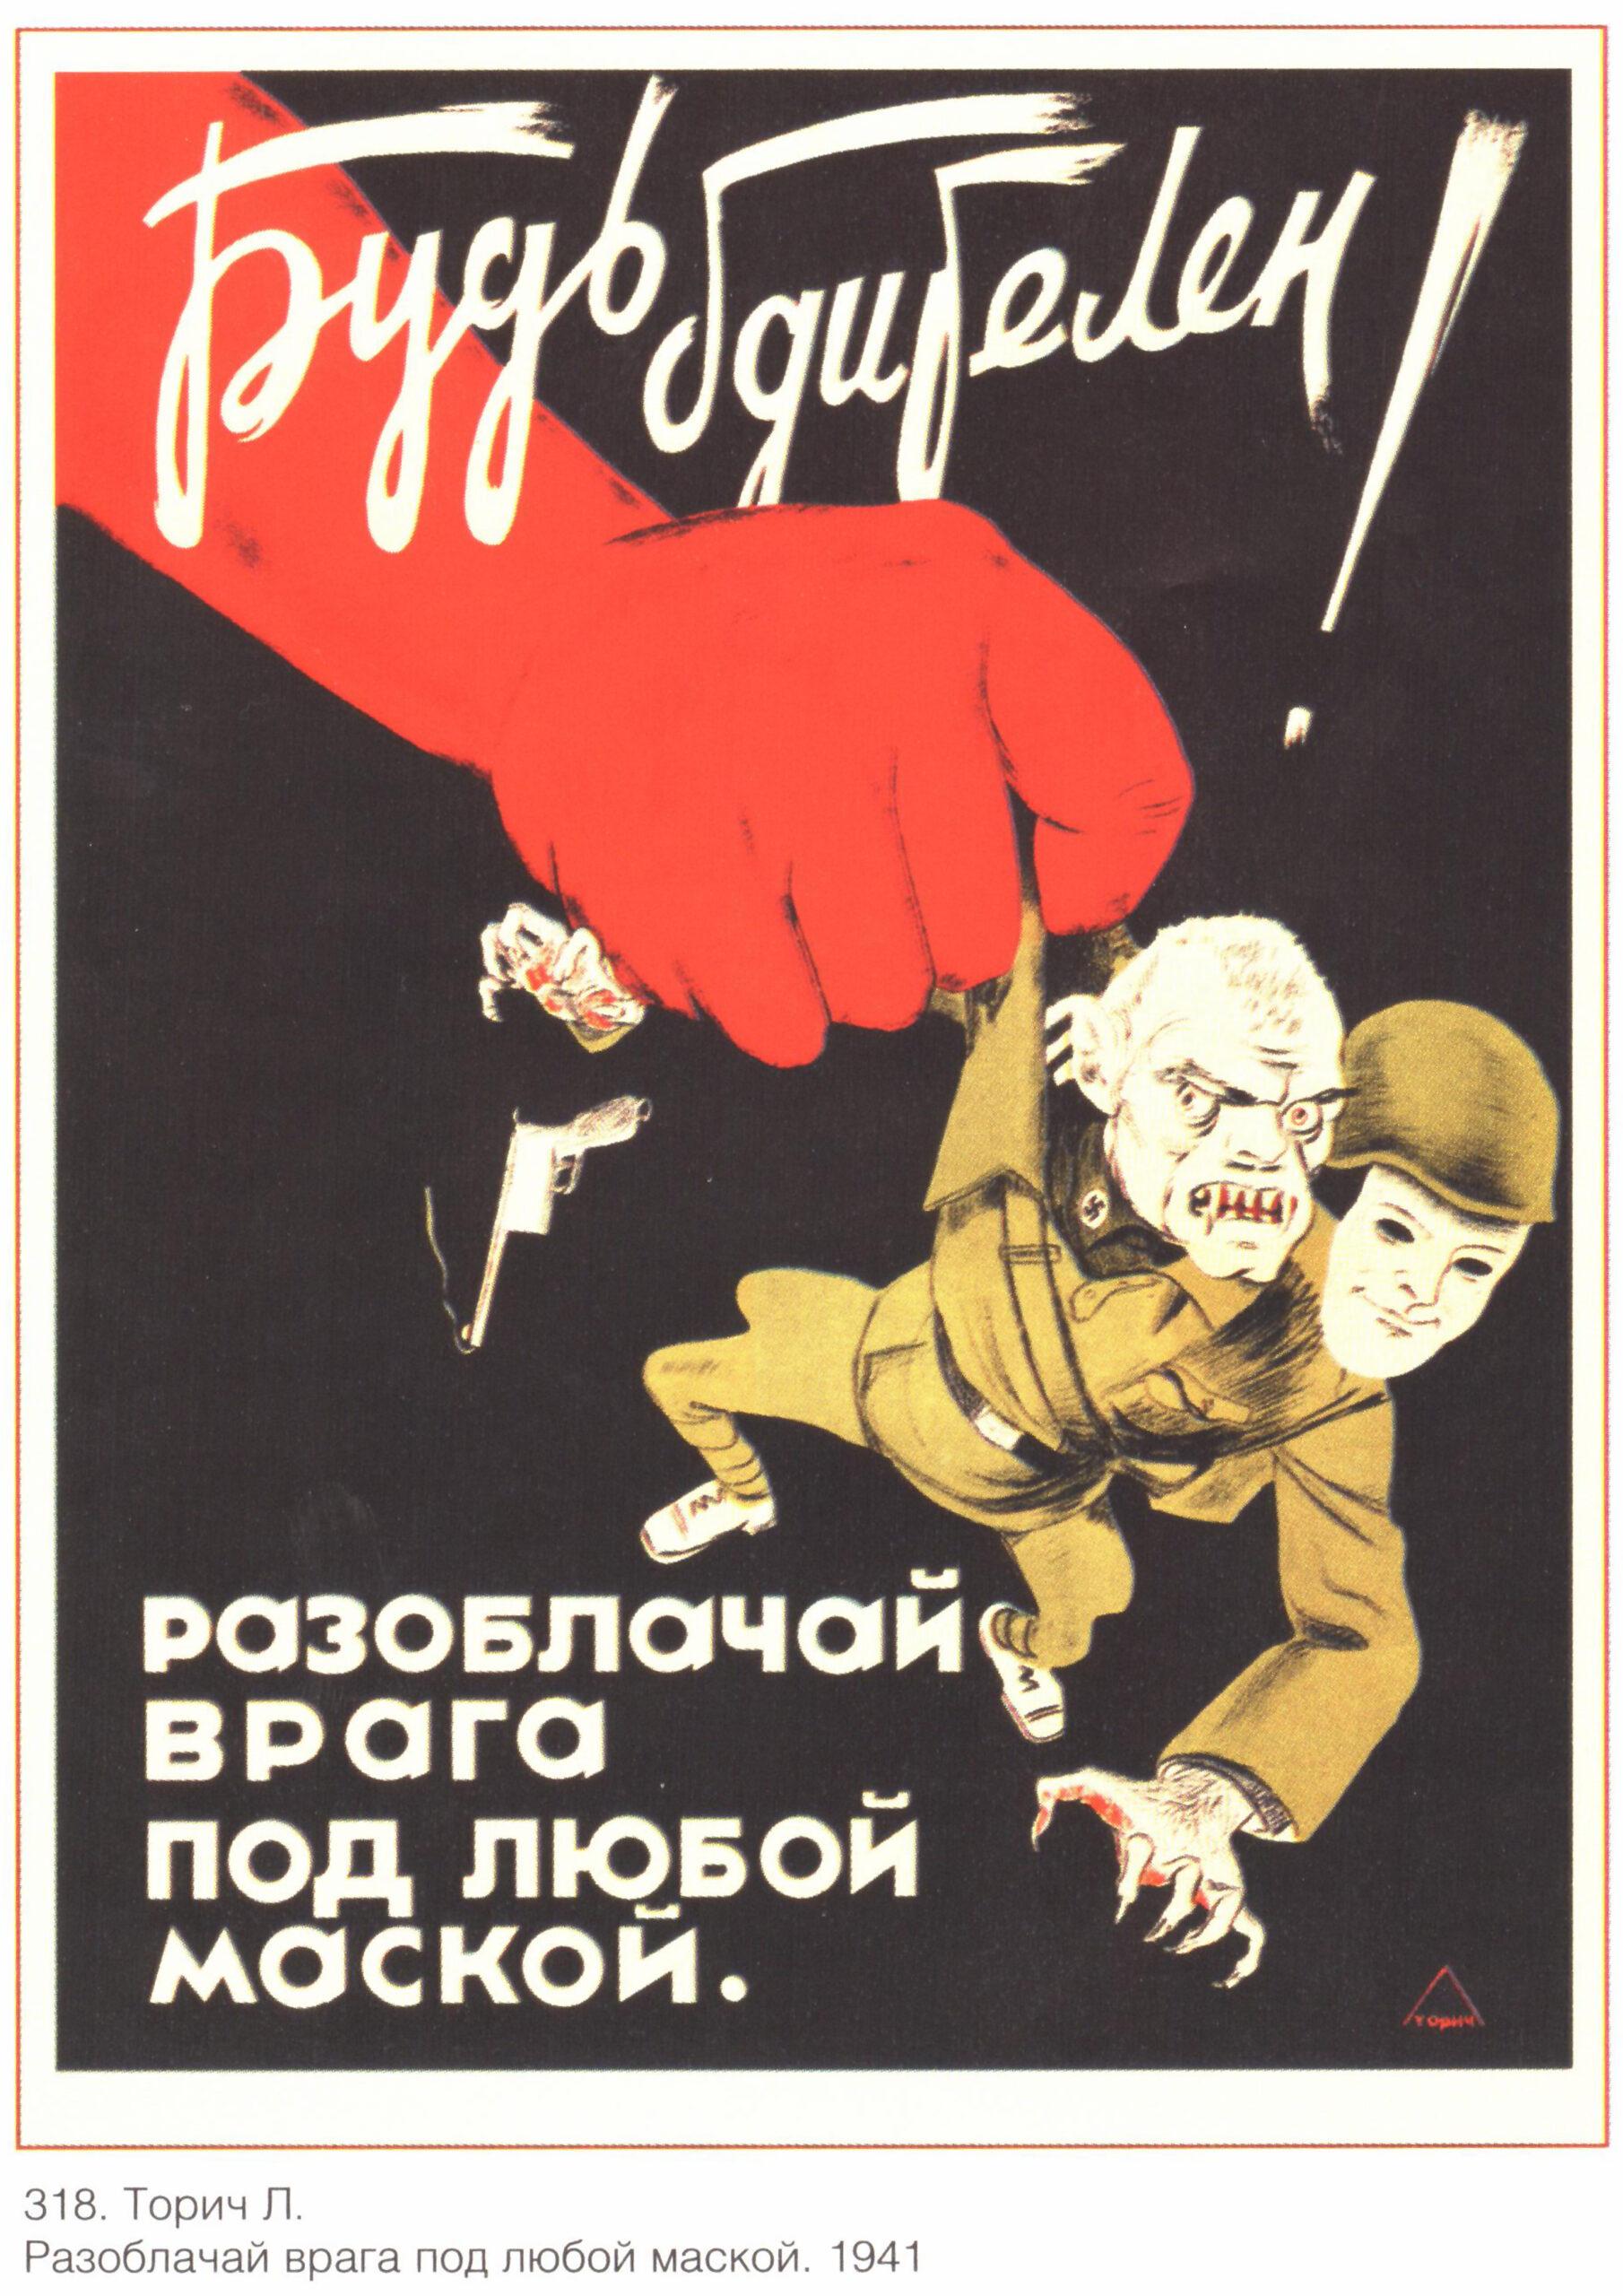 sovetskiy-plakat-bditelnost-0002-scaled.